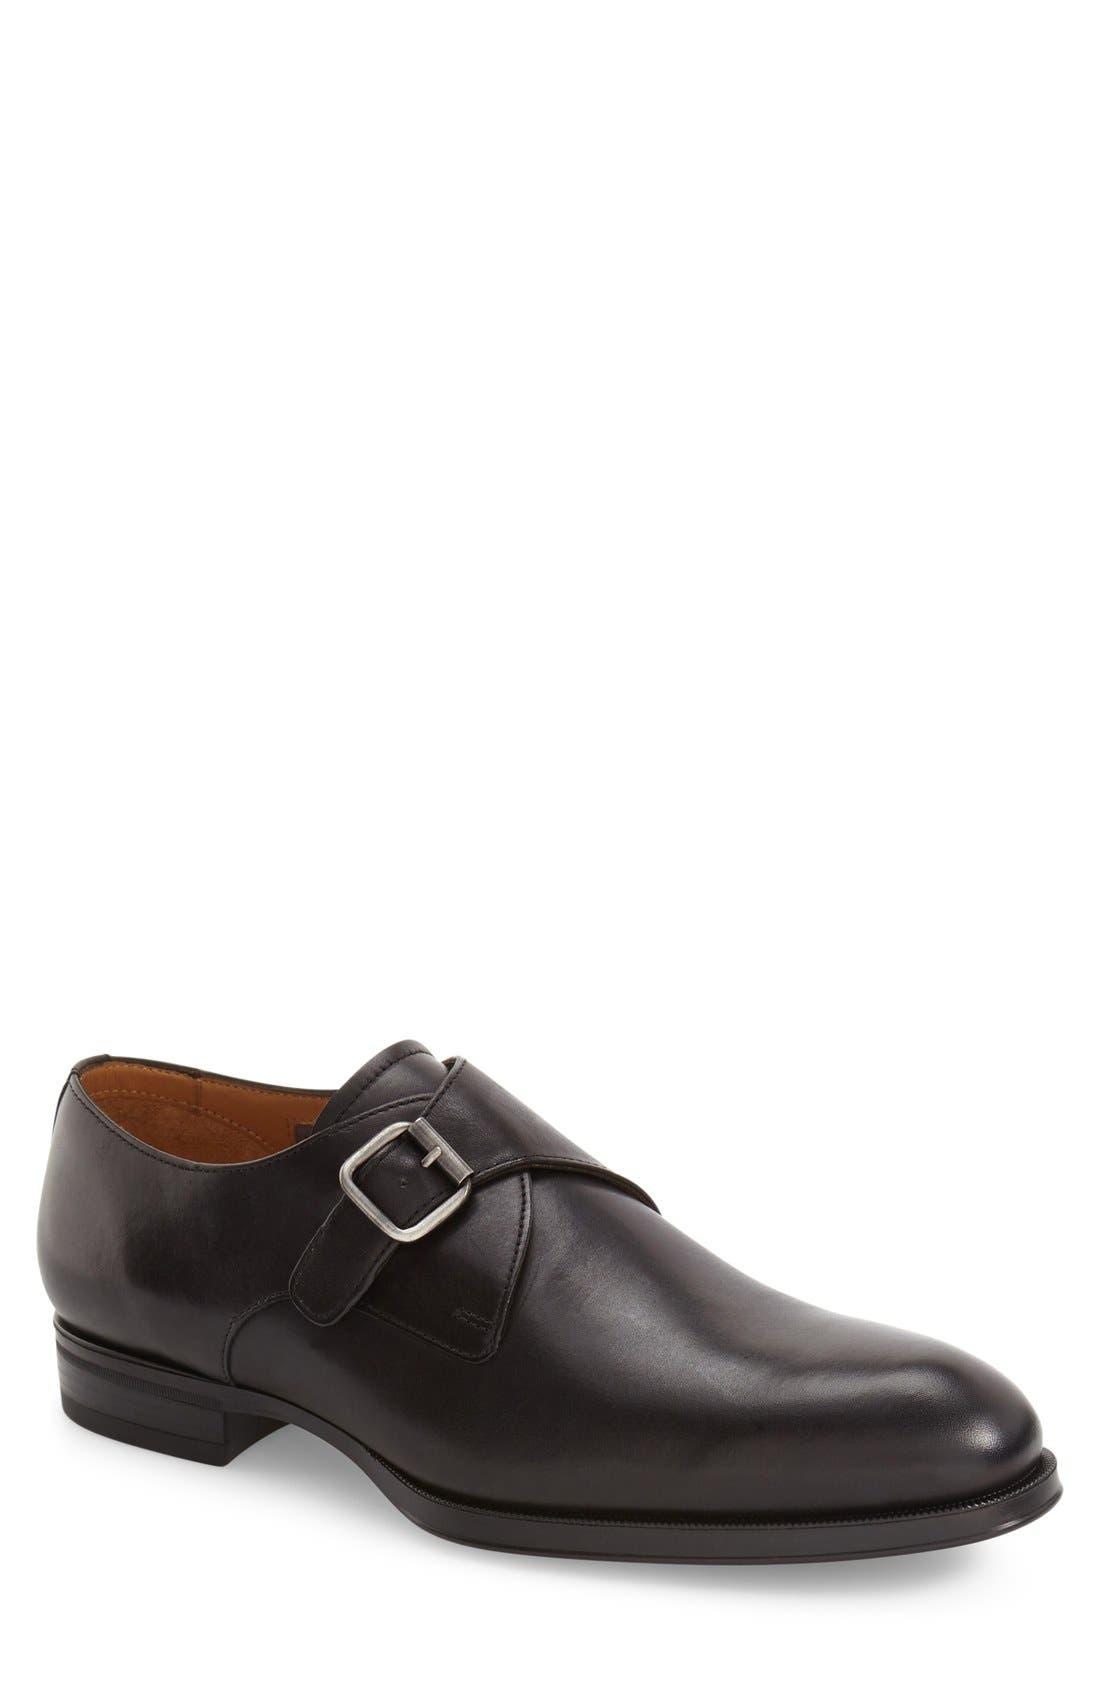 VINCE CAMUTO 'Trifolo' Monk Strap Shoe, Main, color, 001